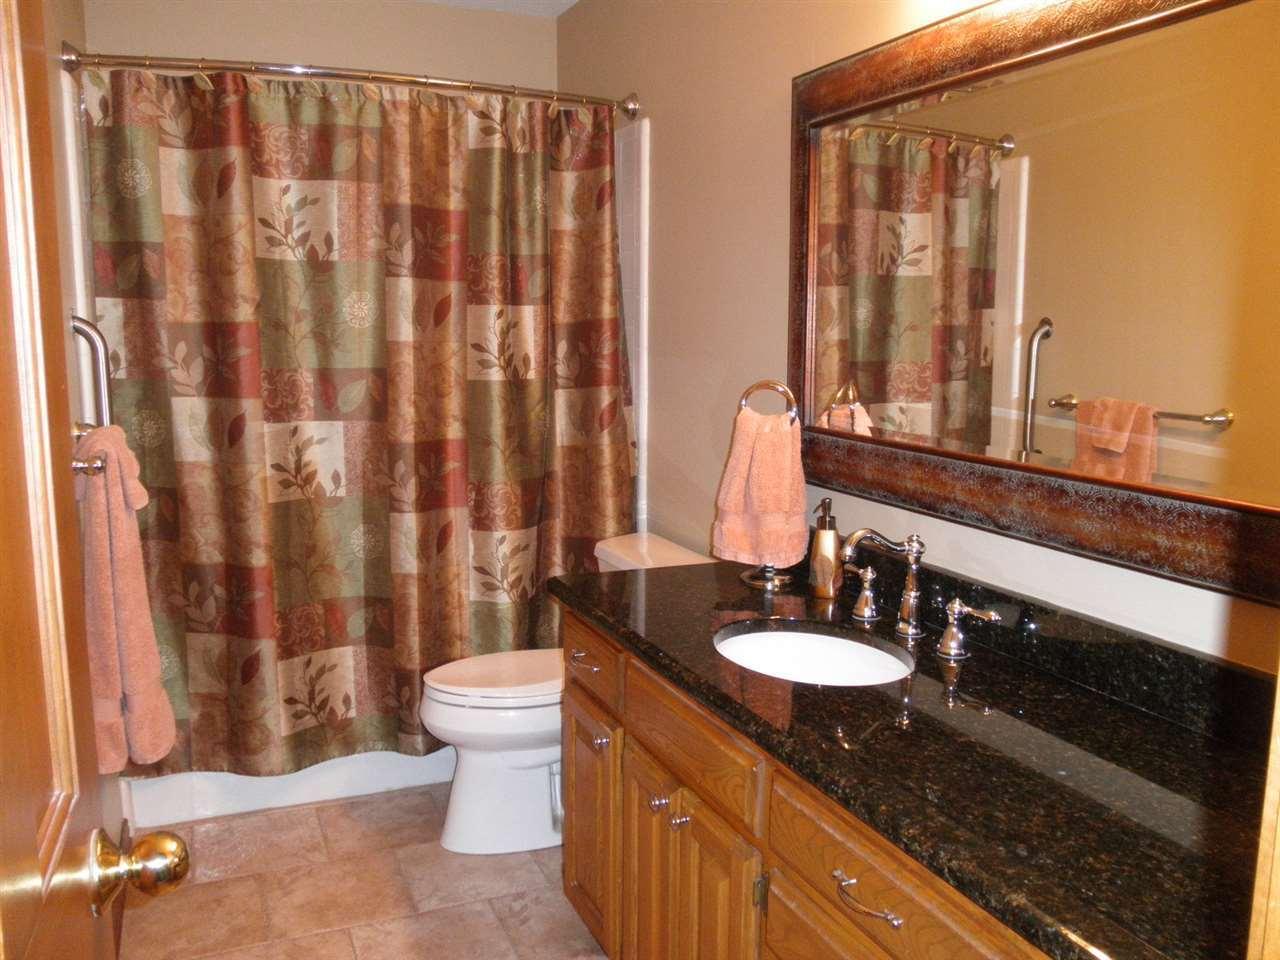 Sold Cross Sale W/ MLS | 15 Sherman Lane Ponca City, OK 74604 18